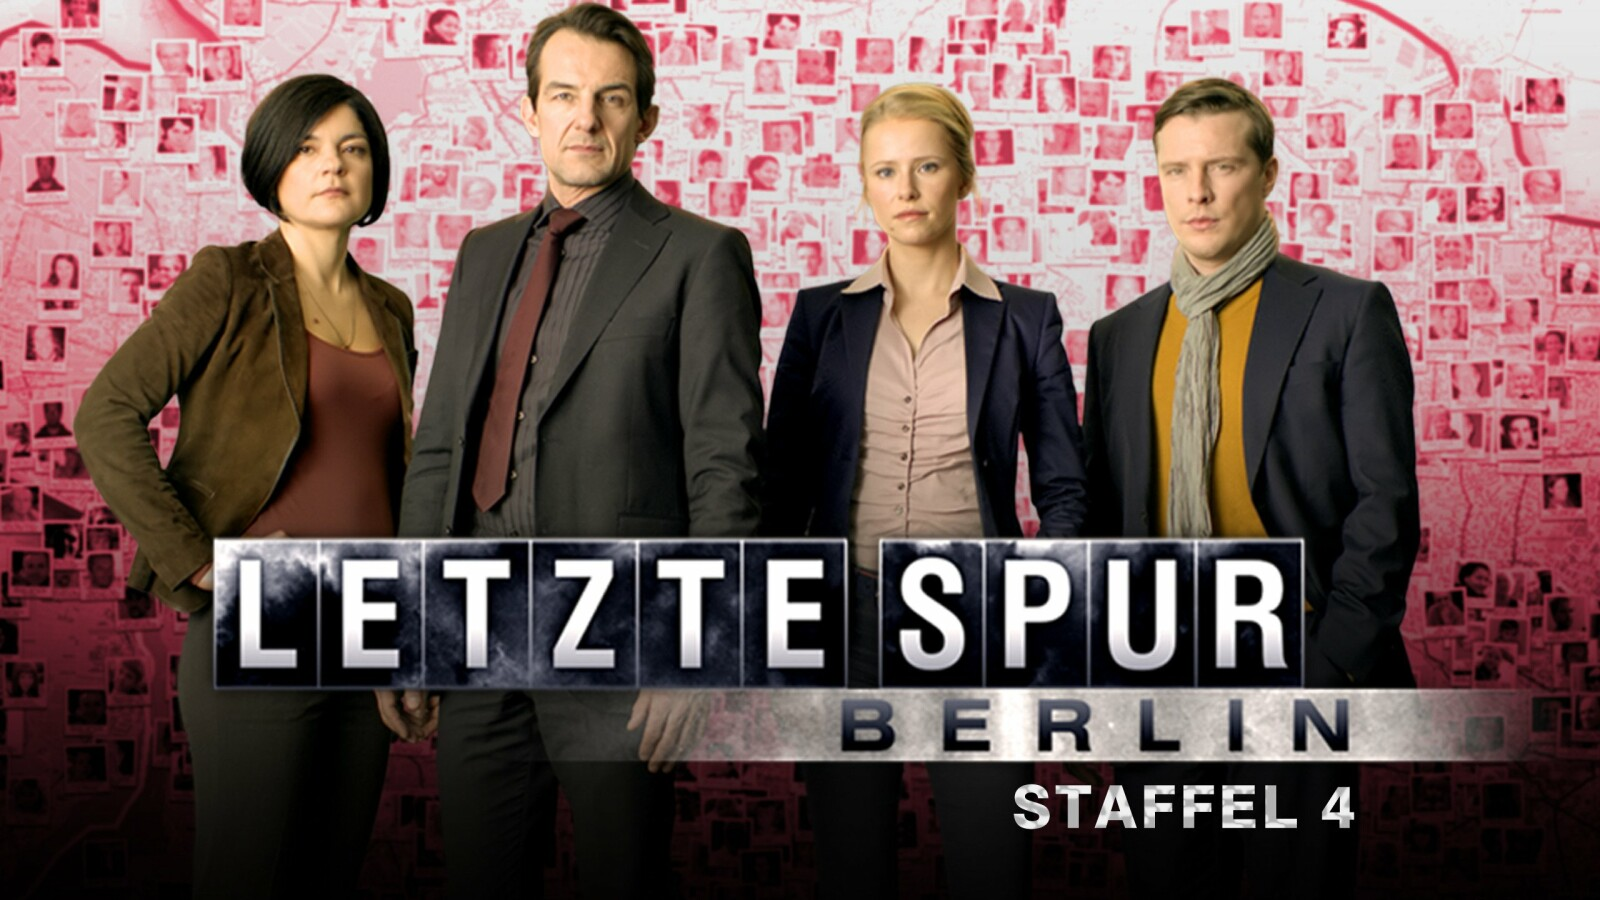 Letzte Spur Berlin Stream